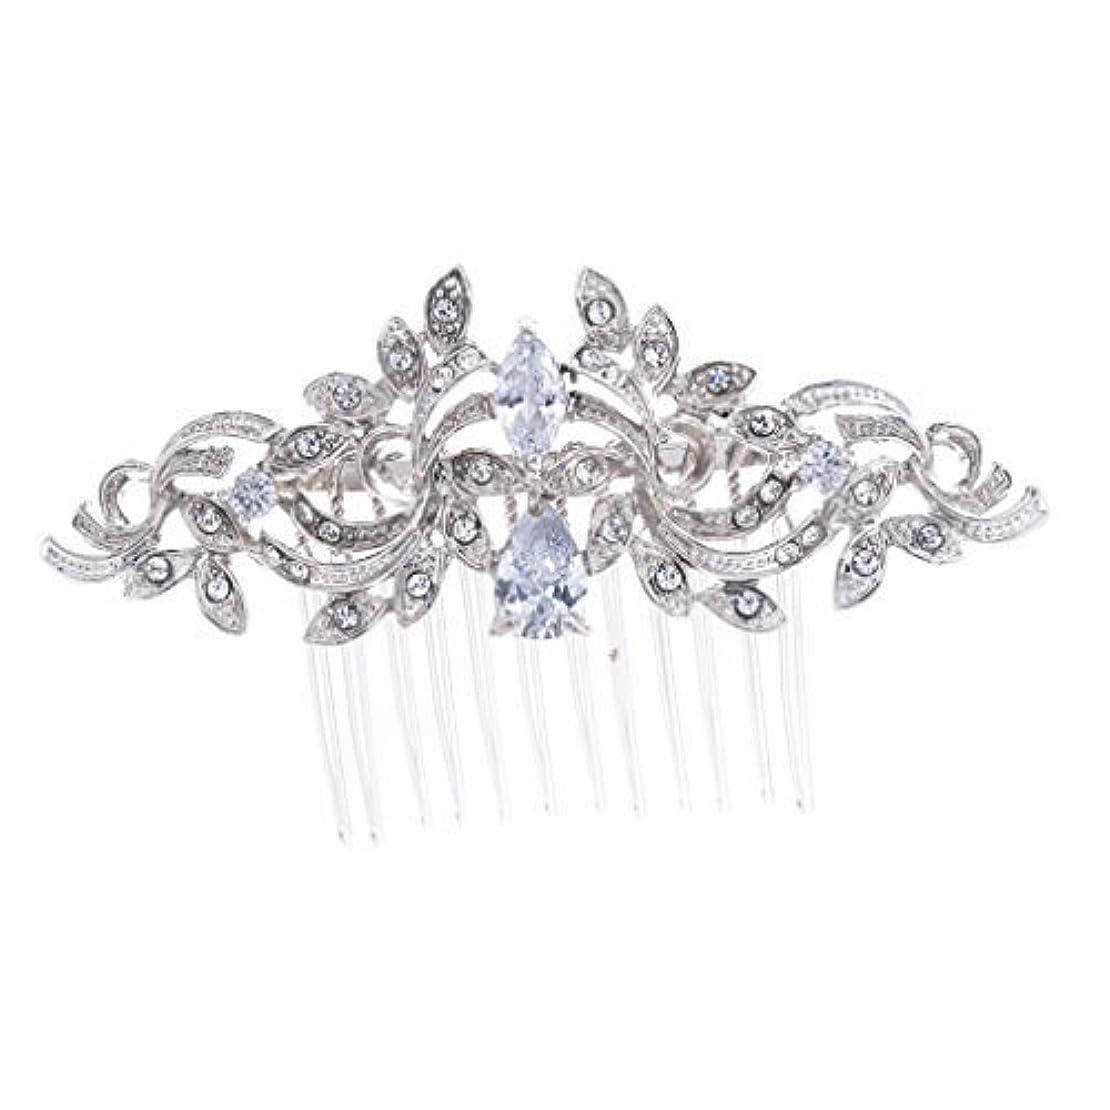 生きる強制プランターSEPBRIDALS Crystal Rhinestone Leaves Hair Comb Hair Pins Bridal Wedding Hair Accessories Jewelry 4012R [並行輸入品]